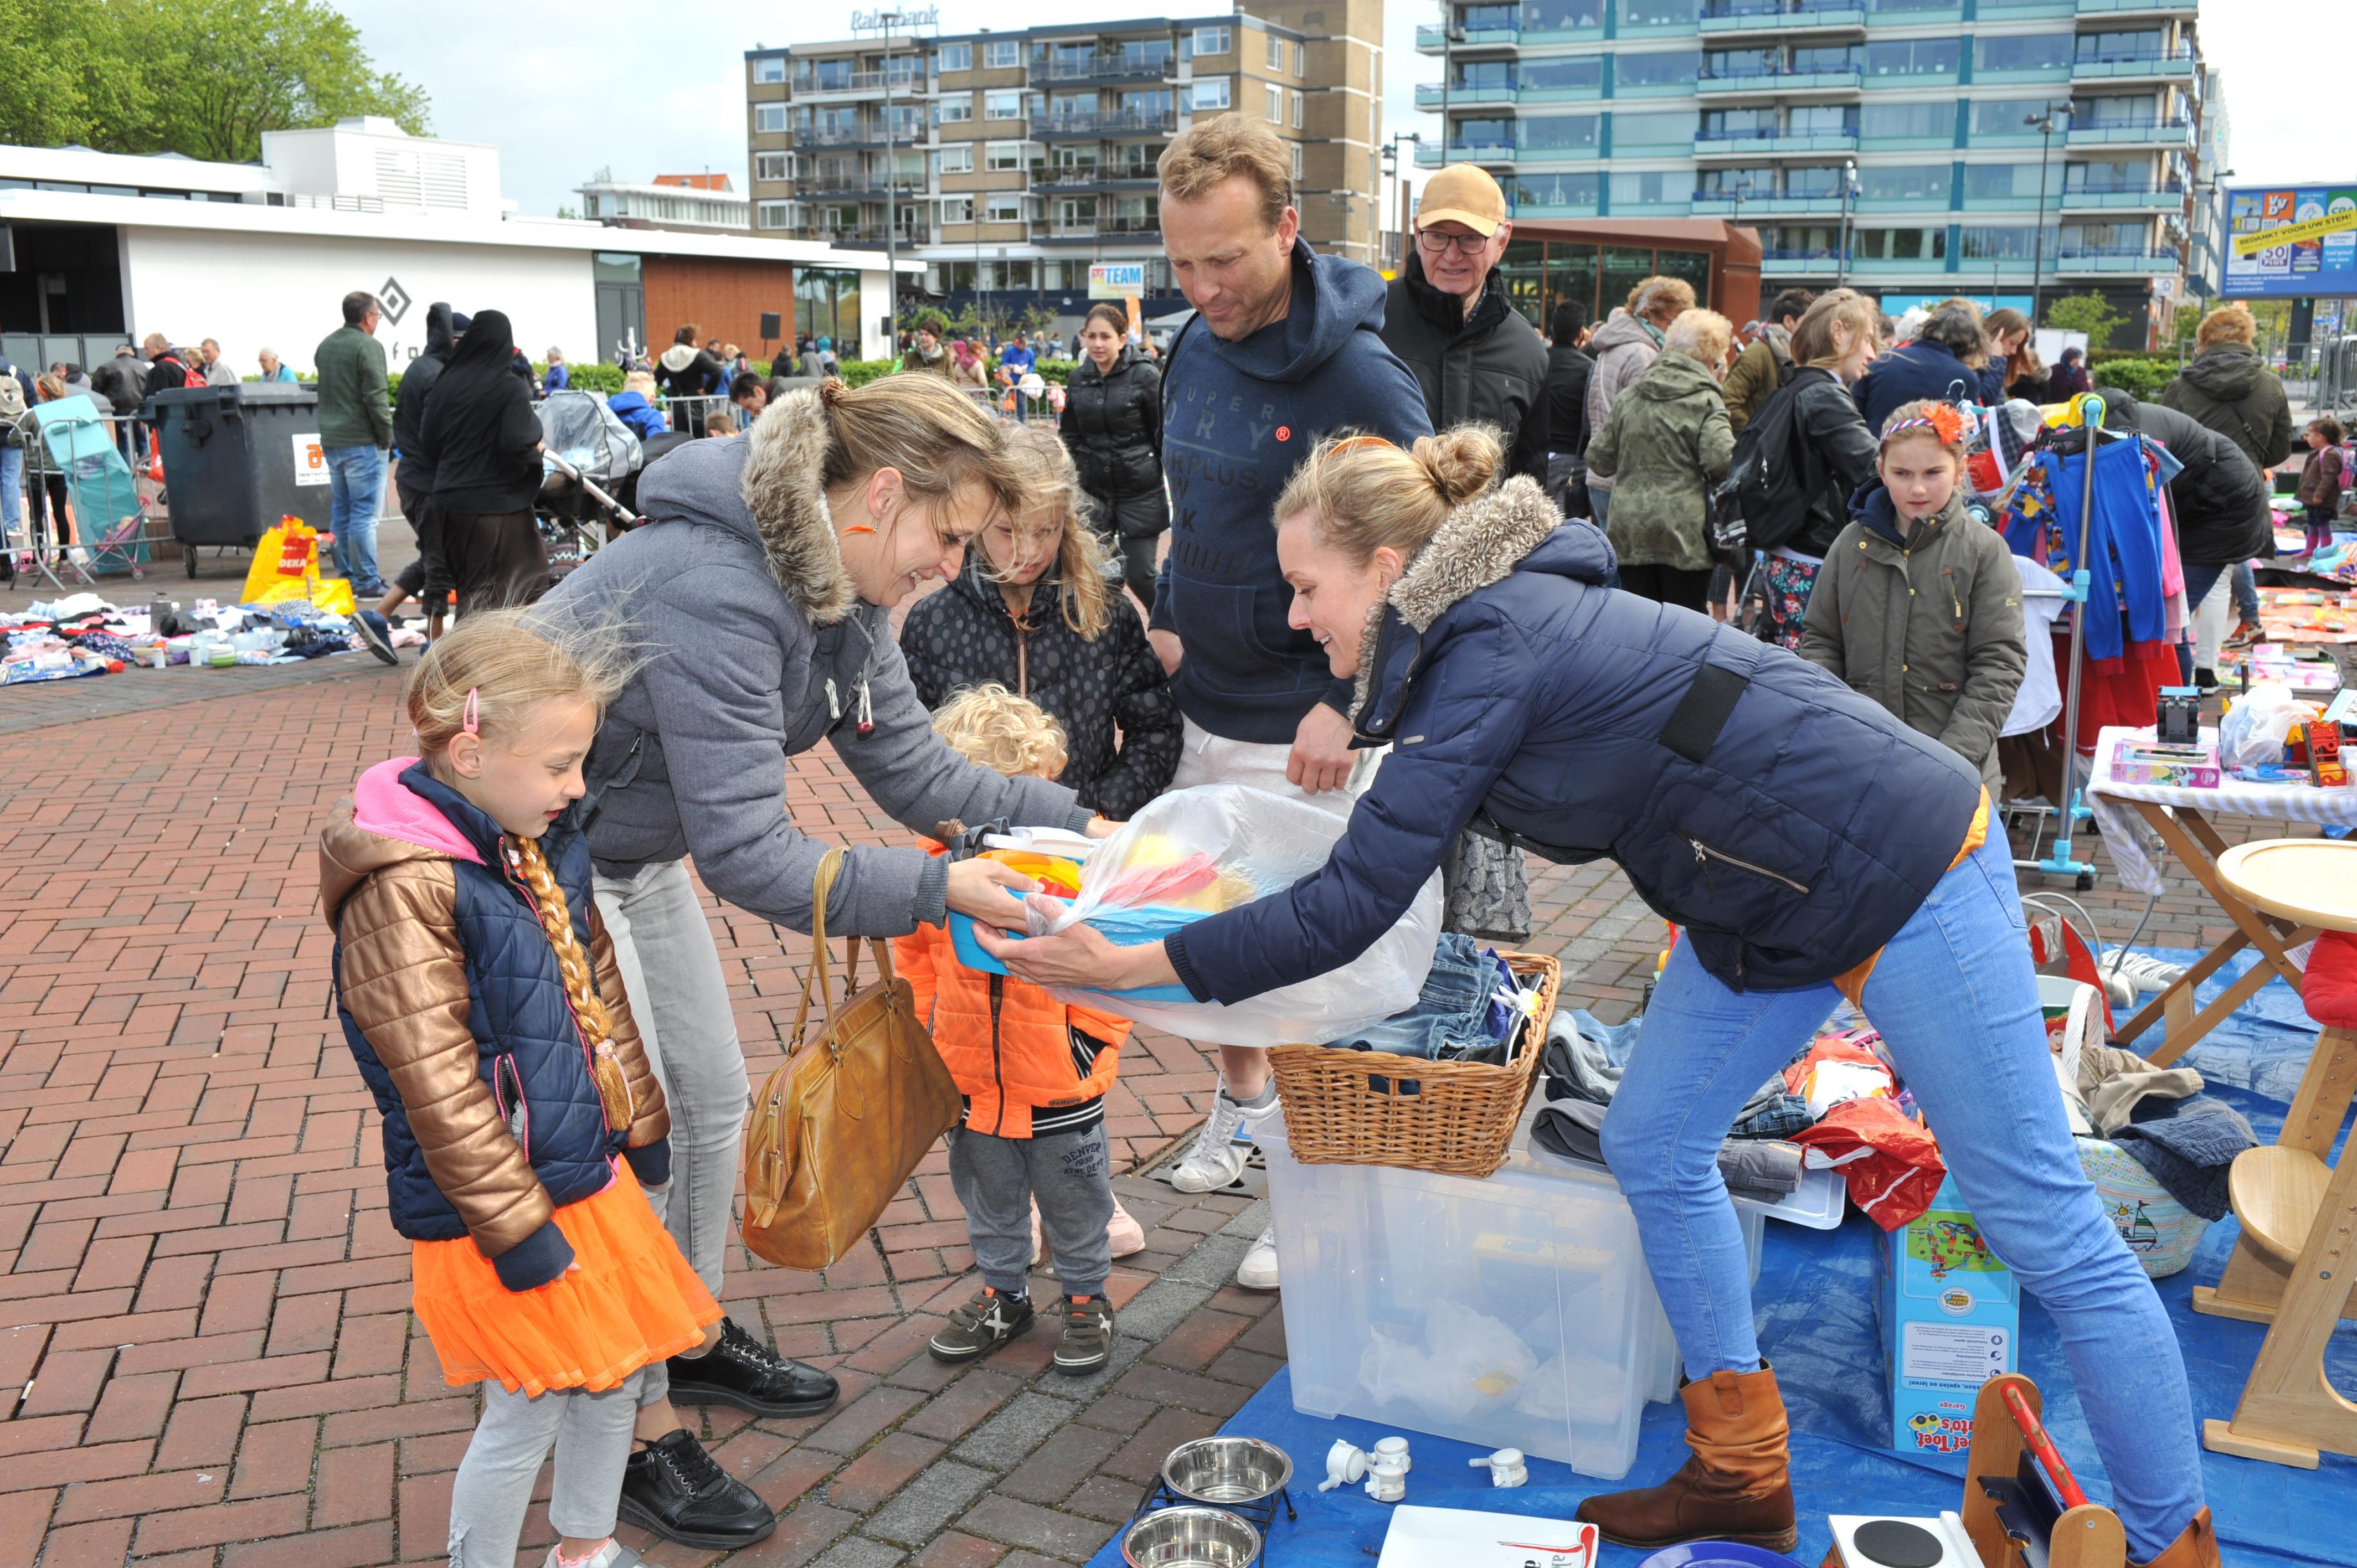 Echte bikkels laten zich niet weerhouden door een hoosbui en staan gewoon op de vrijmarkt Beverwijk, Heemskerk en Uitgeest